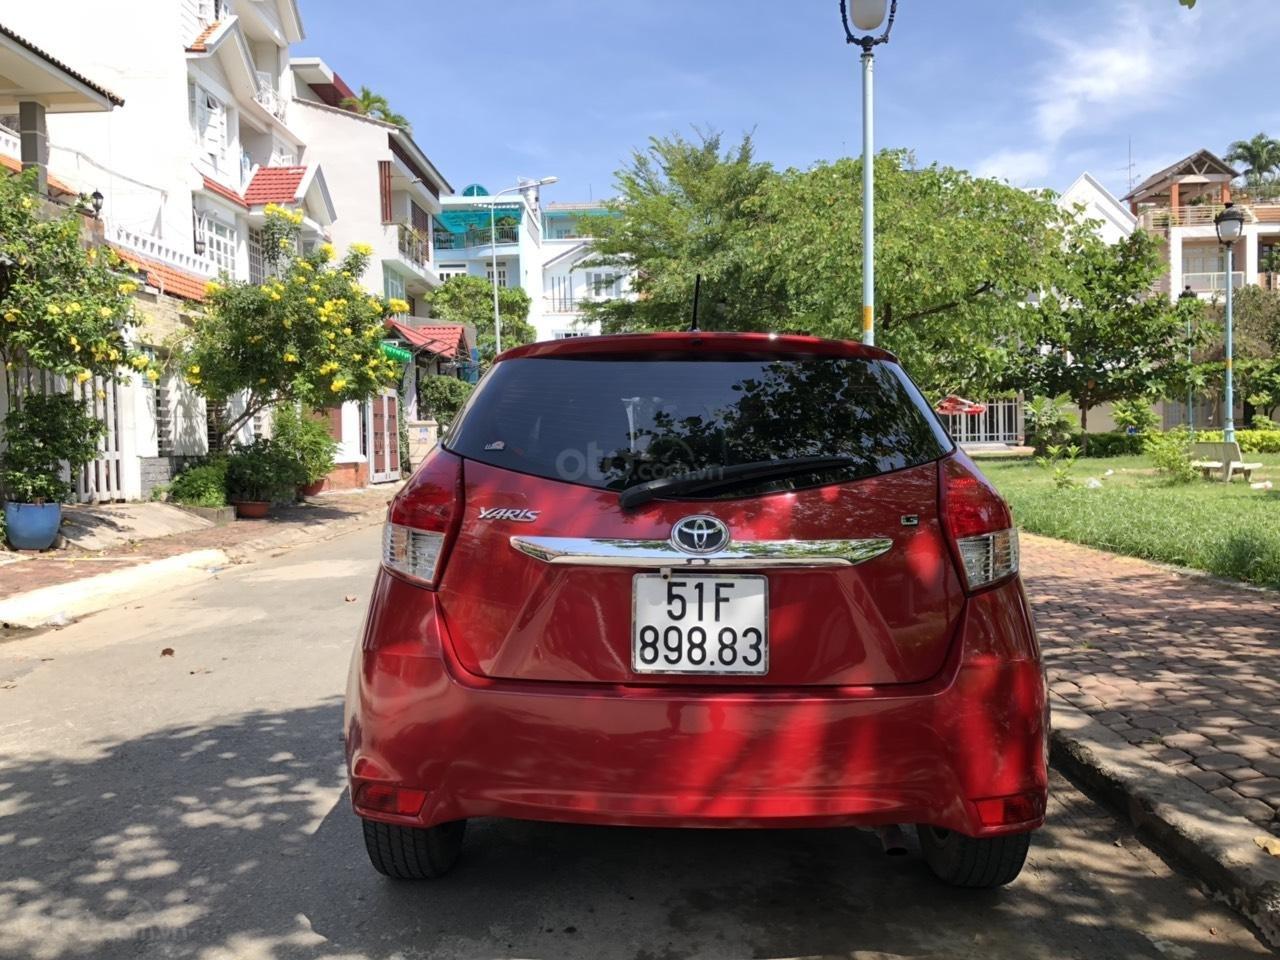 Gia đình đi Úc cần bán Yaris 2017 màu đỏ, nhập Thái Lan, xe đẹp (5)